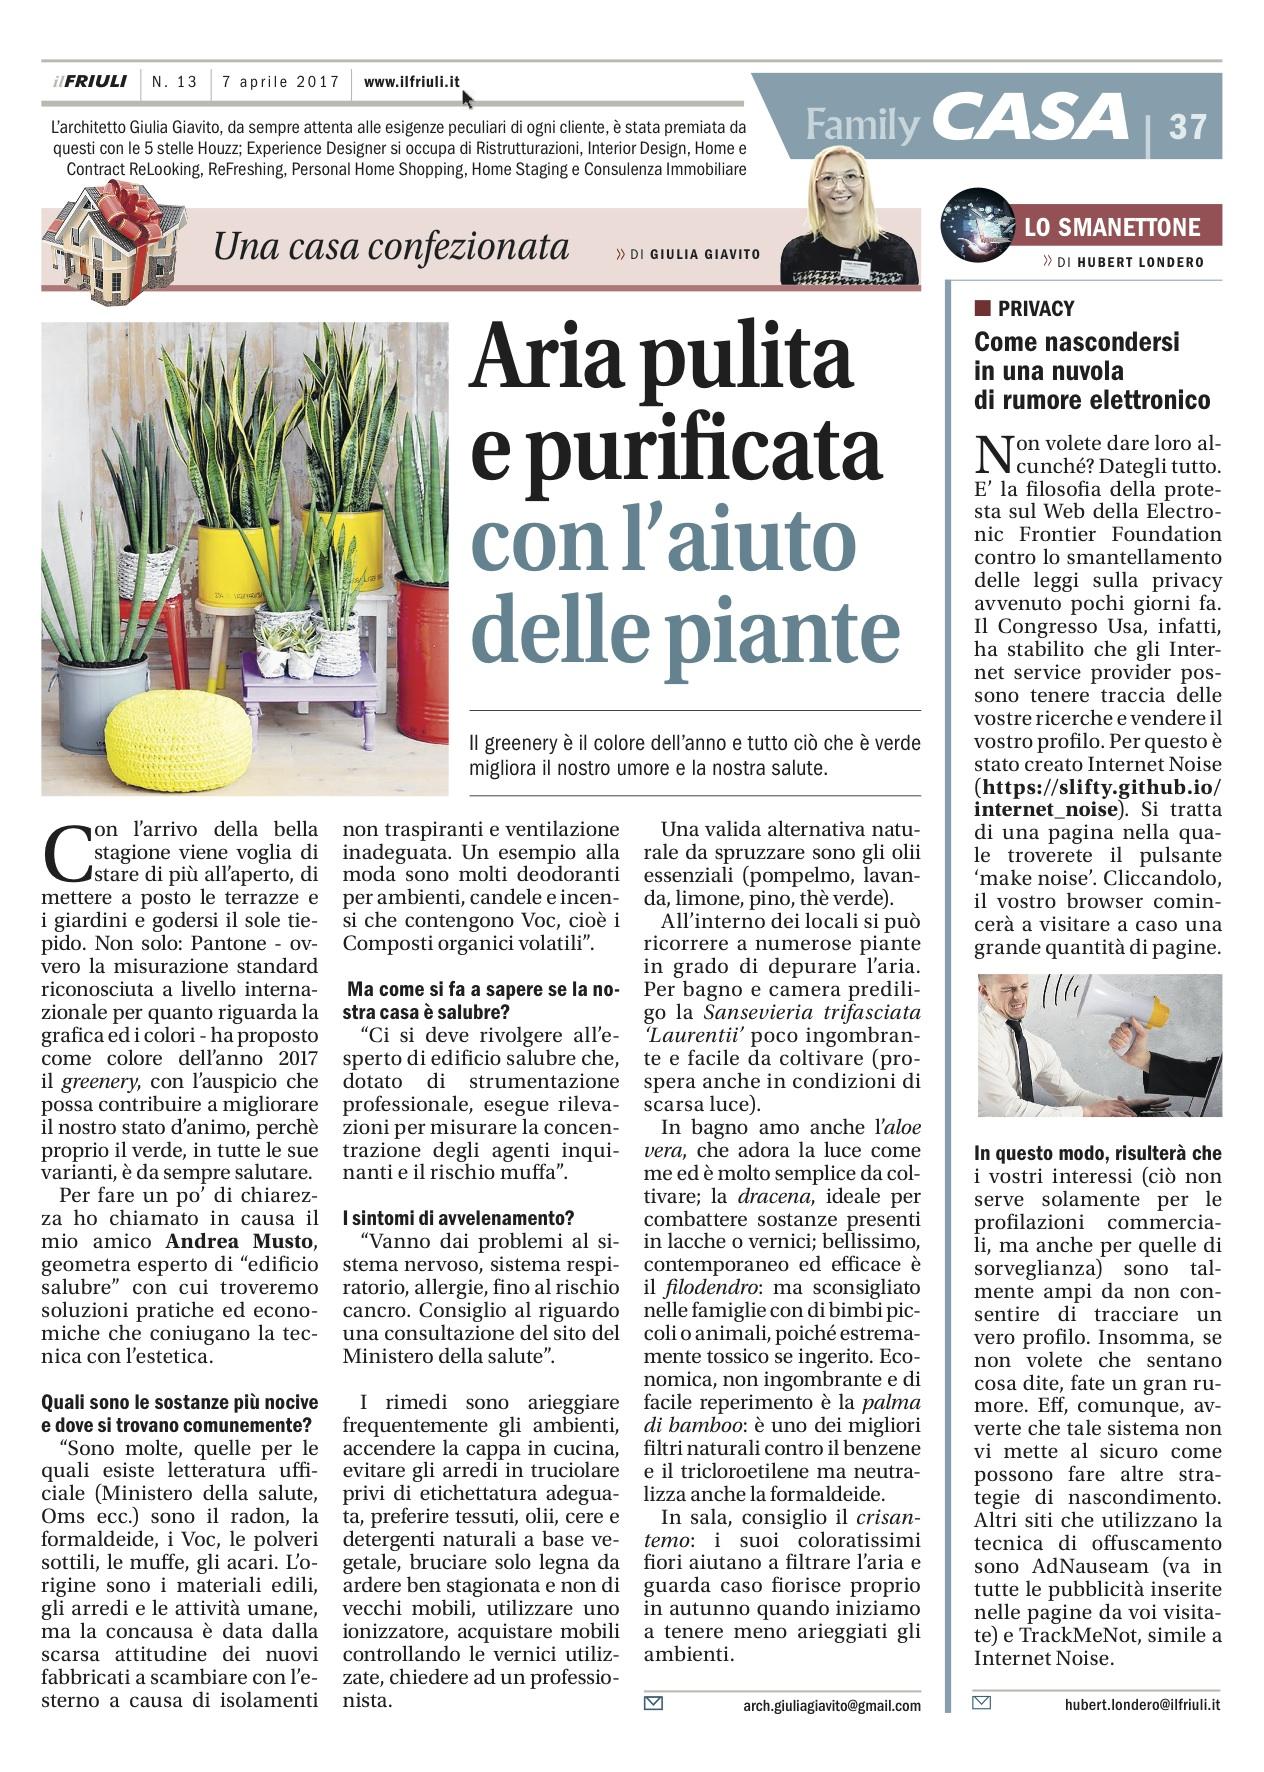 20170407 Aria pulita e purificata con l_aiuto delle piante